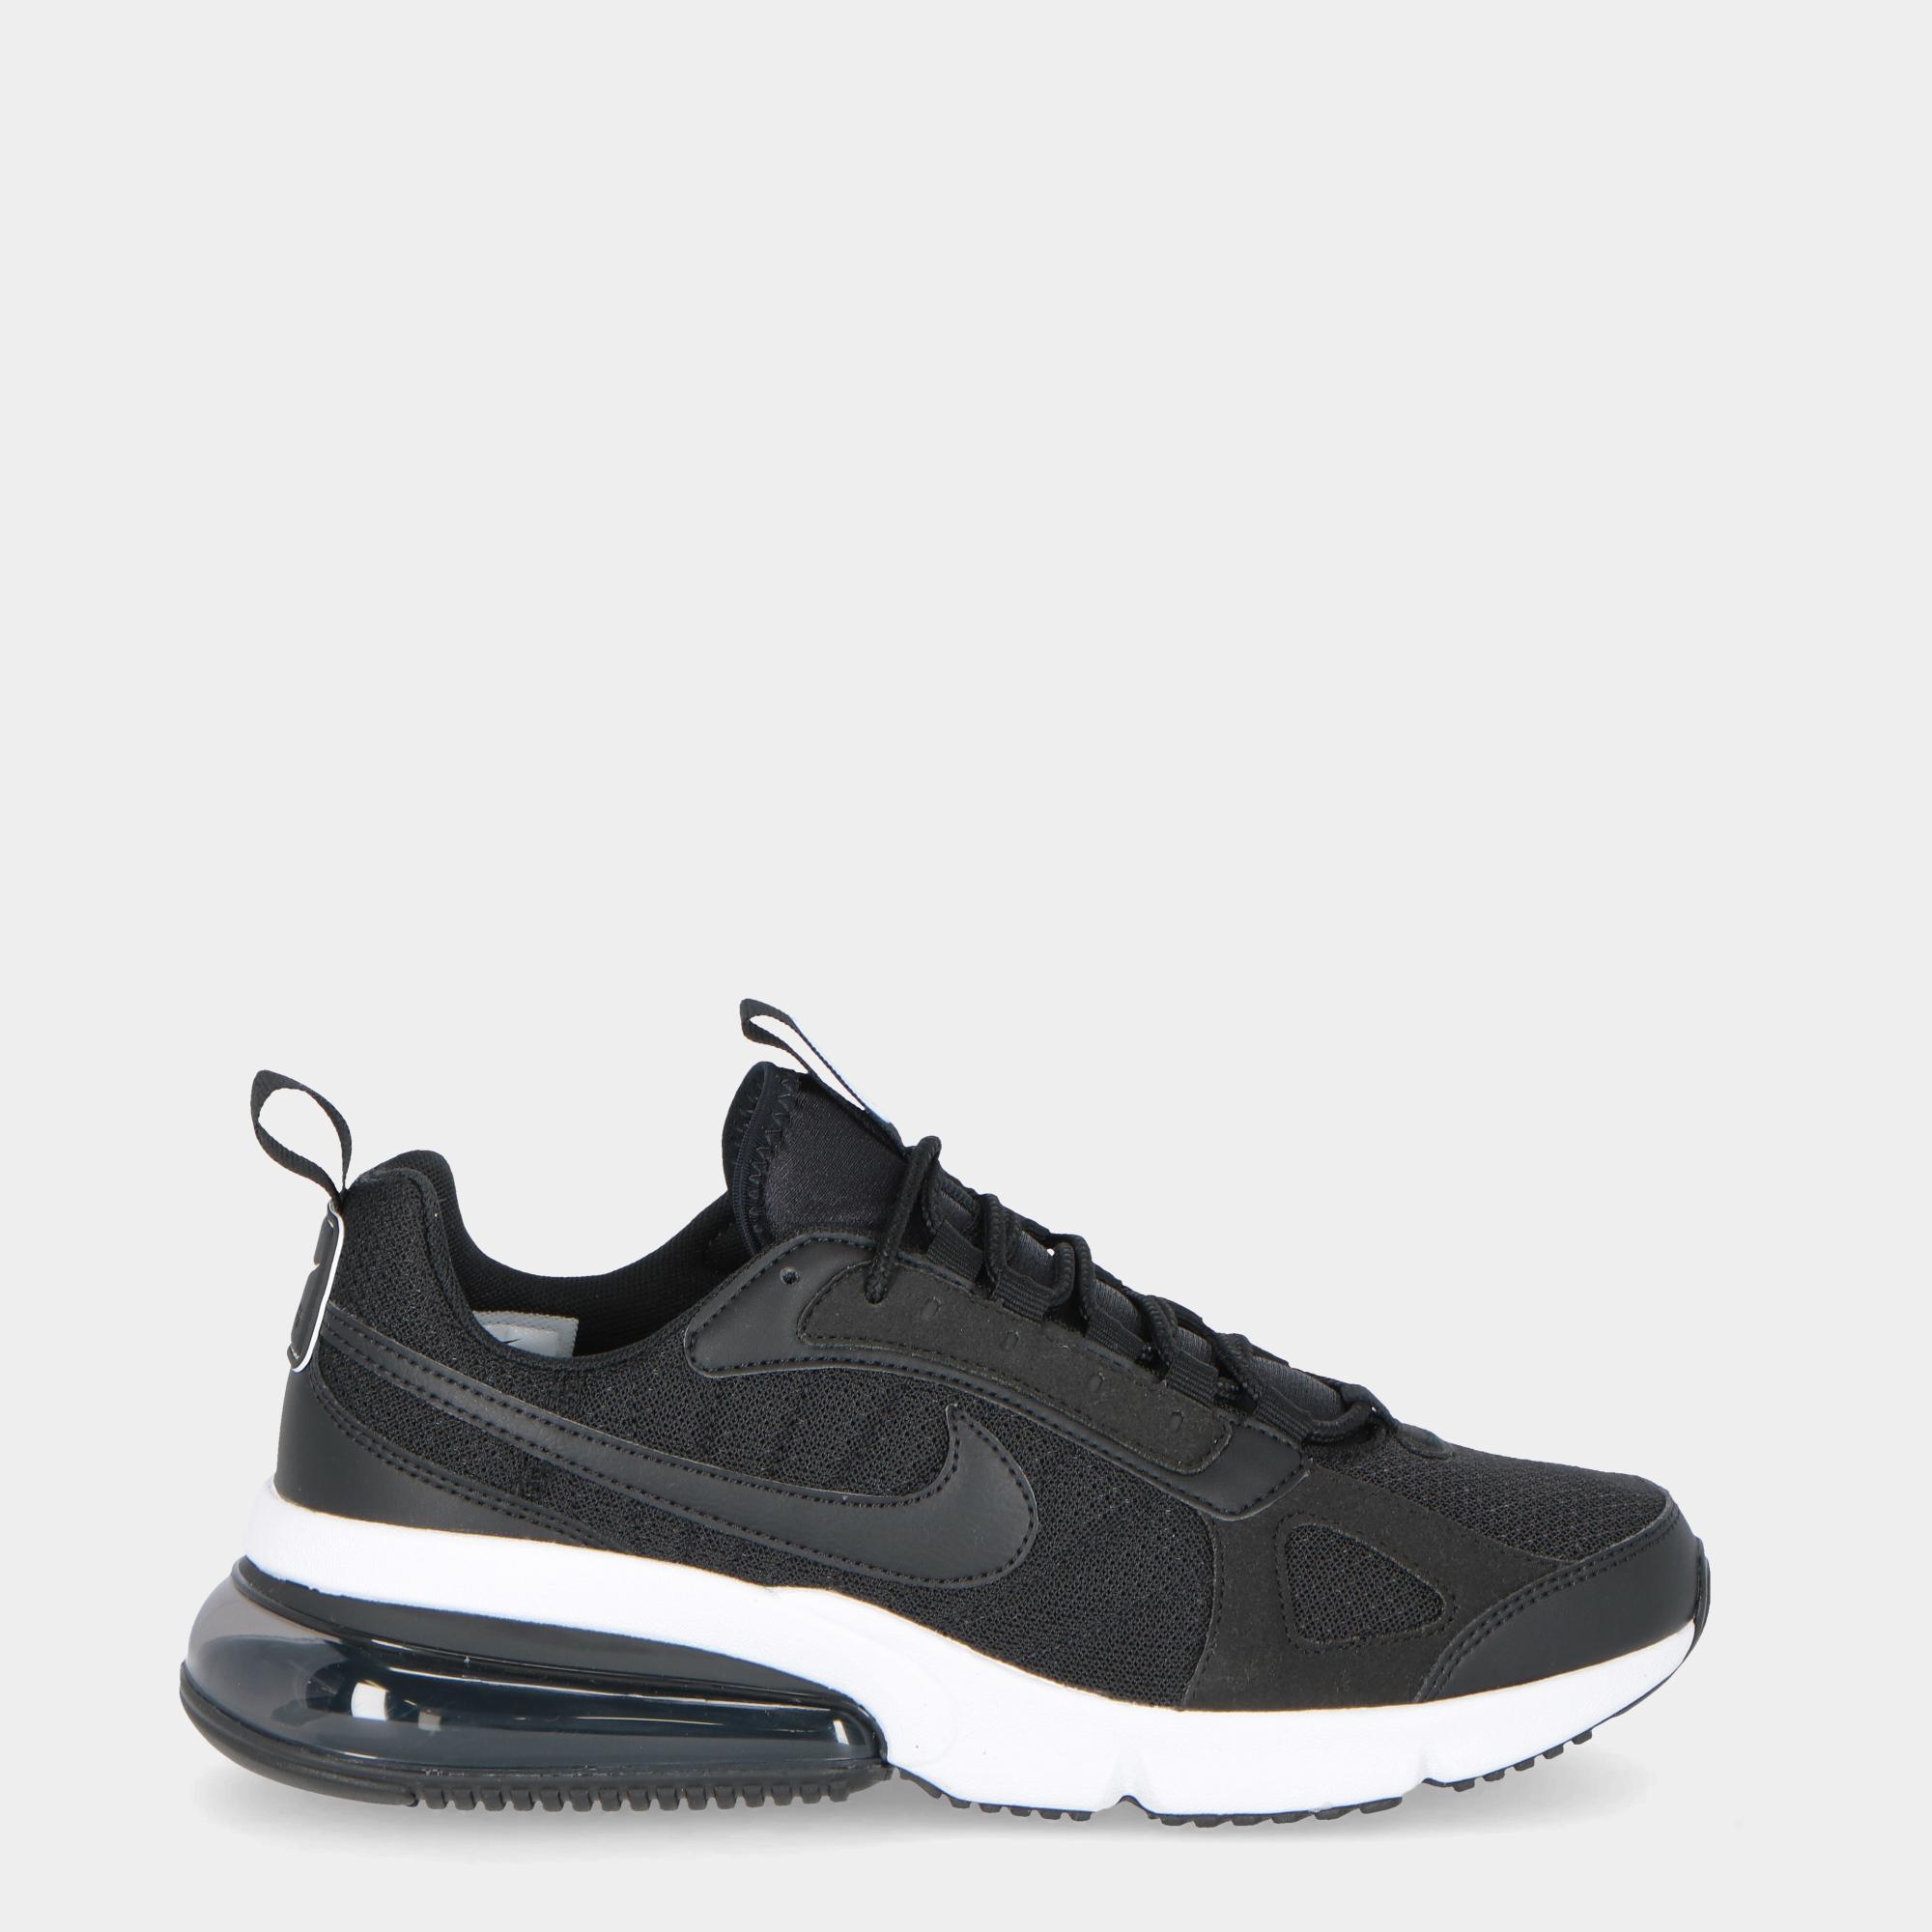 the best attitude 826c8 7a234 Nike Air Max 270 Futura Black